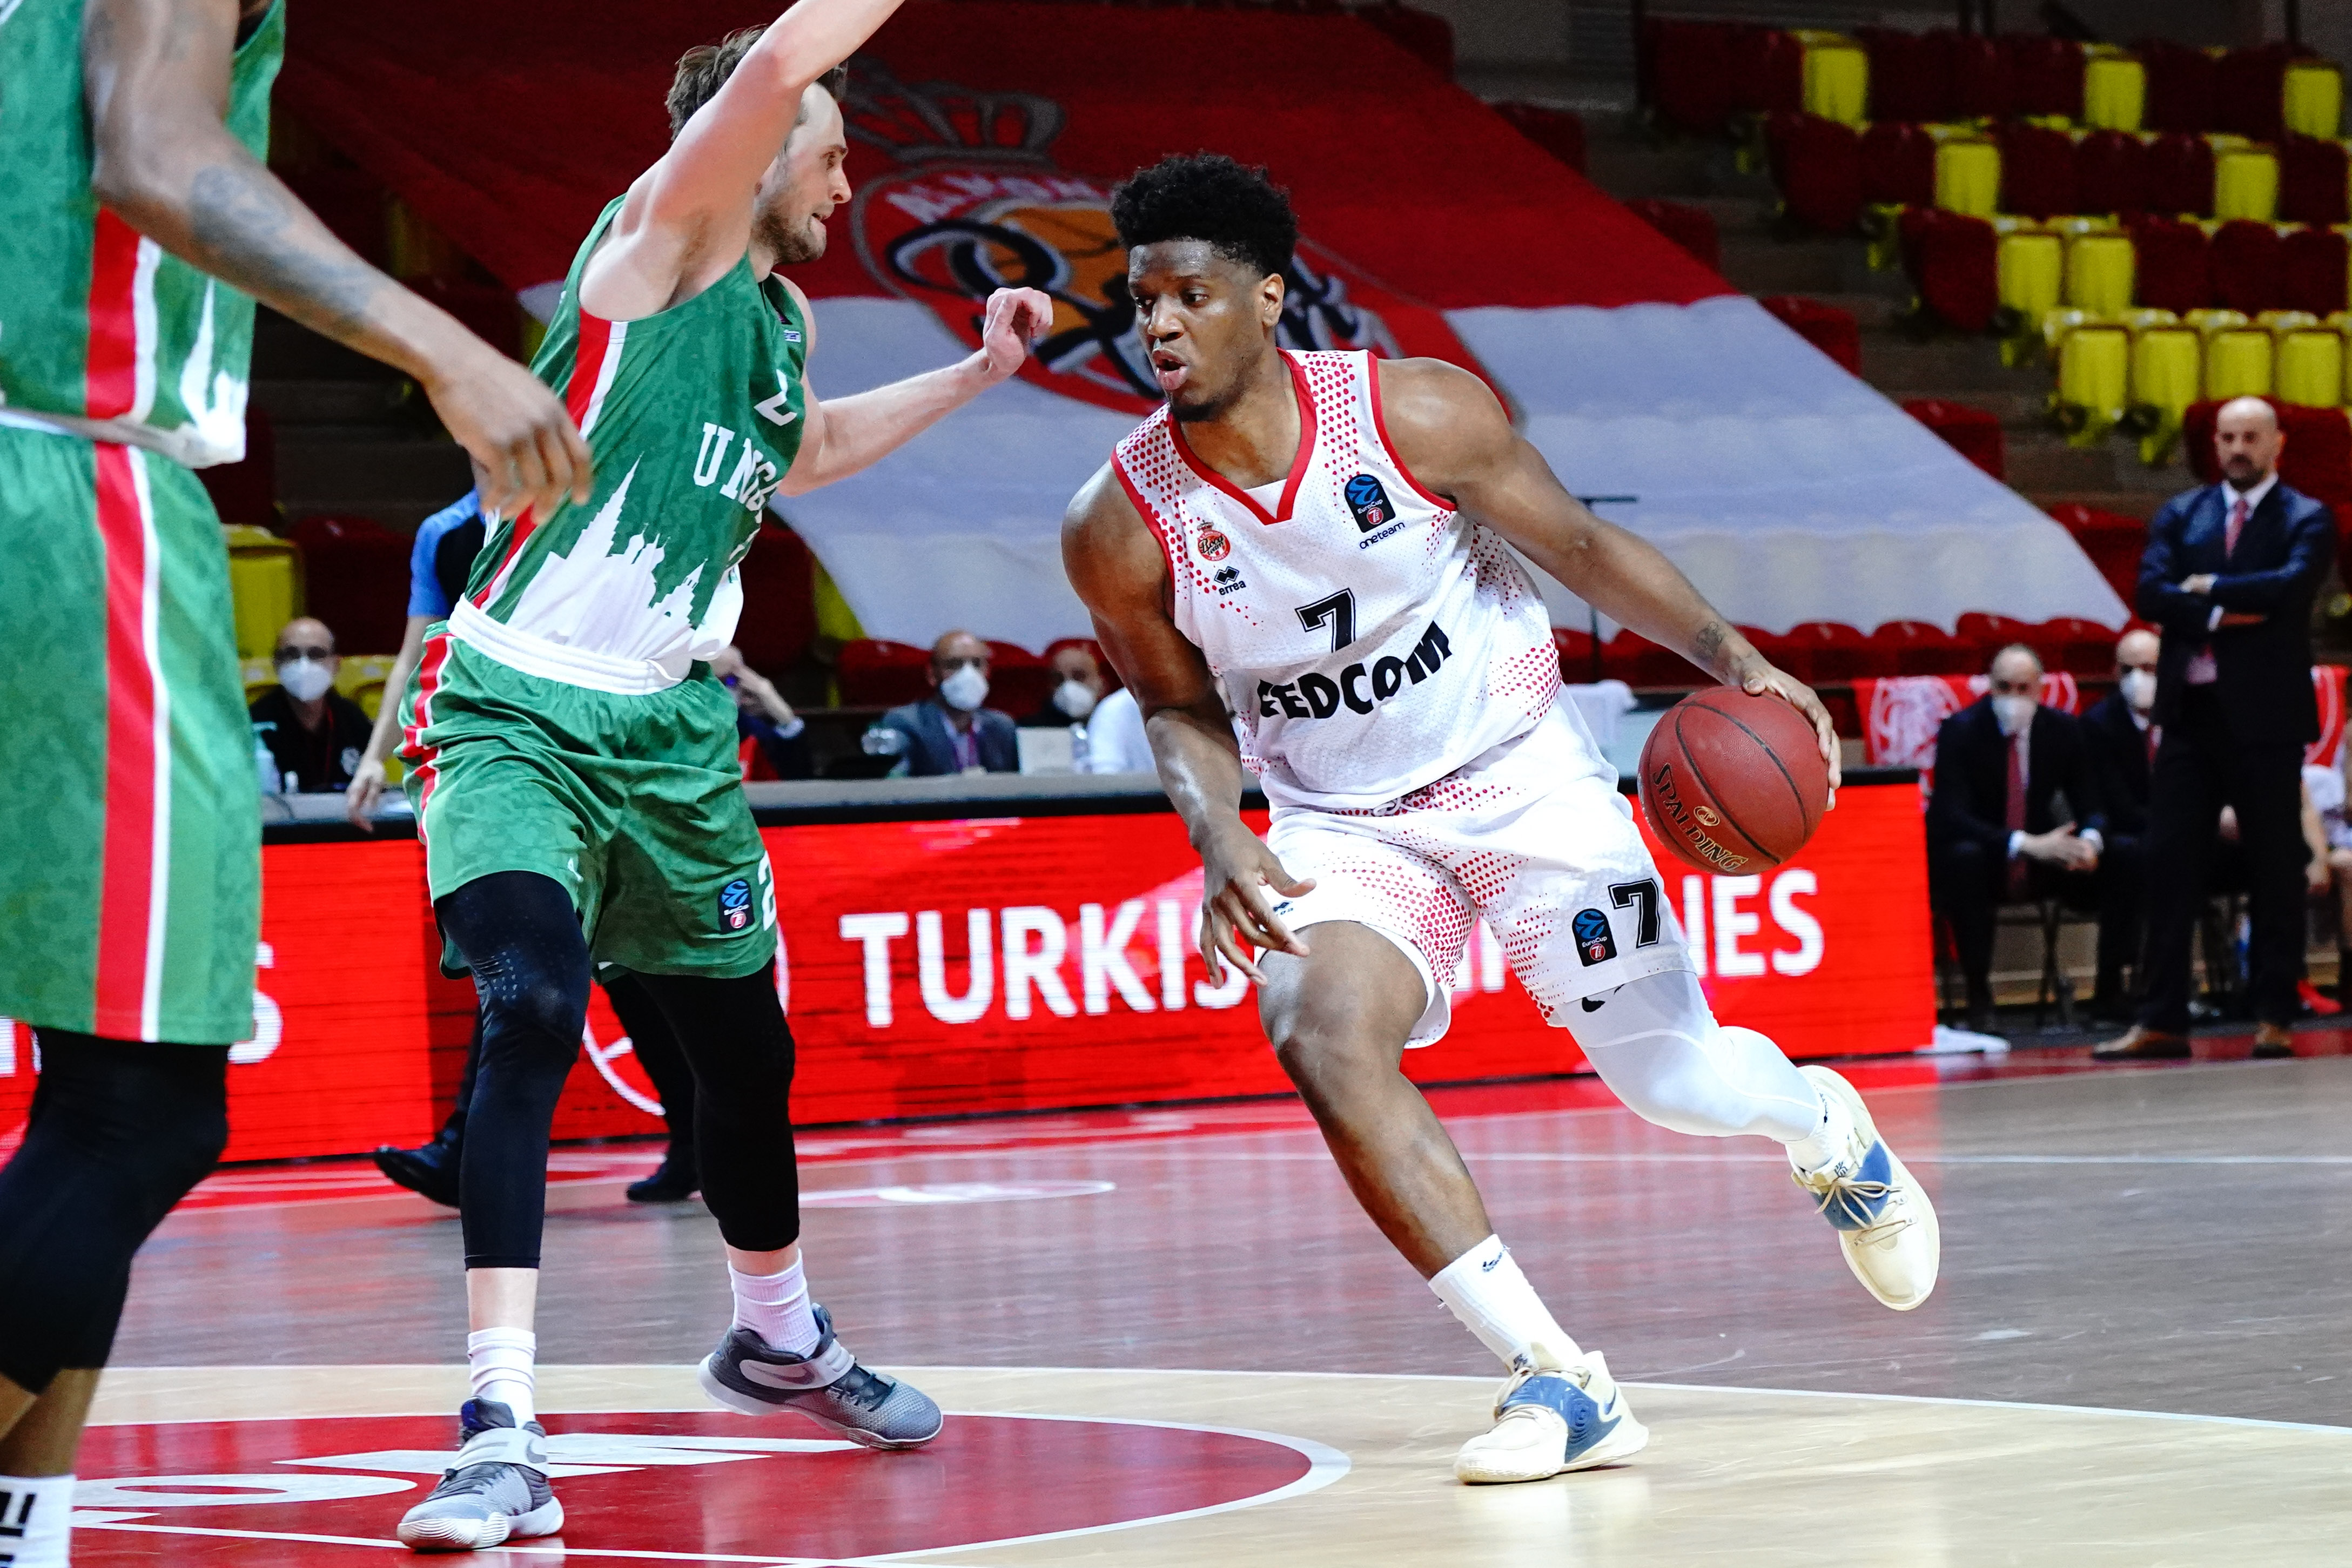 Basket - Coupes d'Europe - Eurocoupe : tombeur de Kazan en finale, Monaco sur le toit de l'Europe